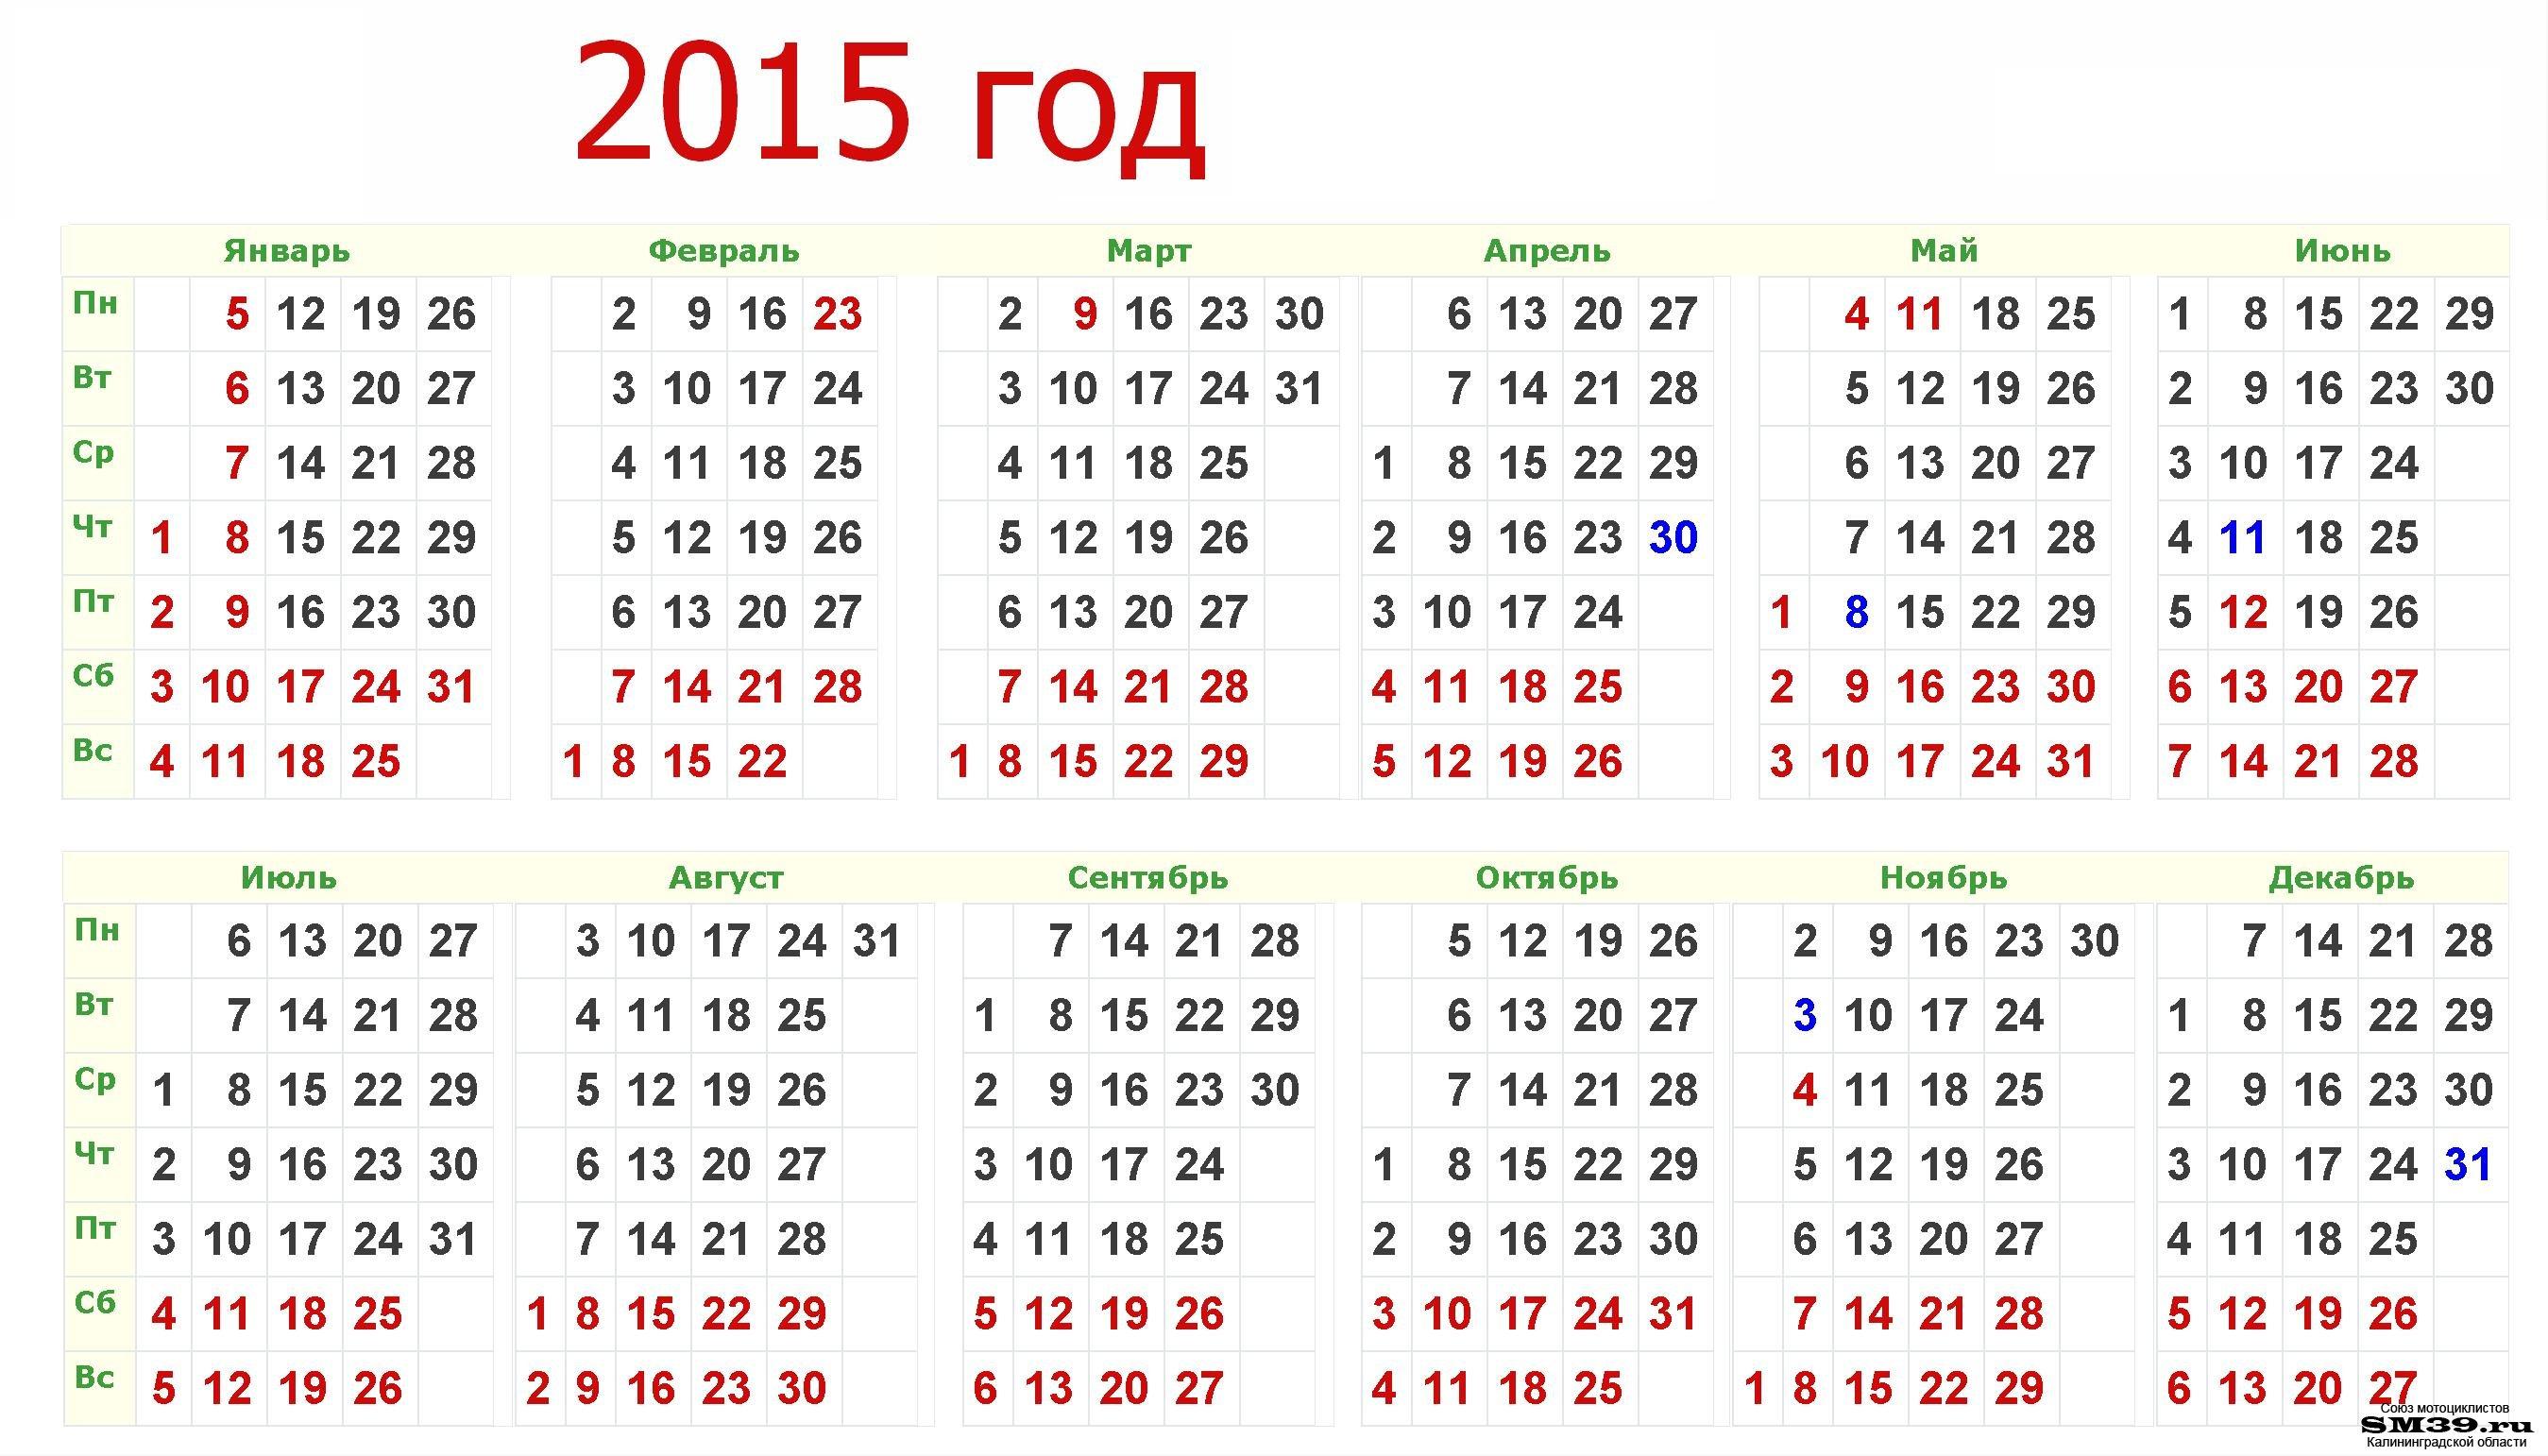 Цитаты о православном календаре